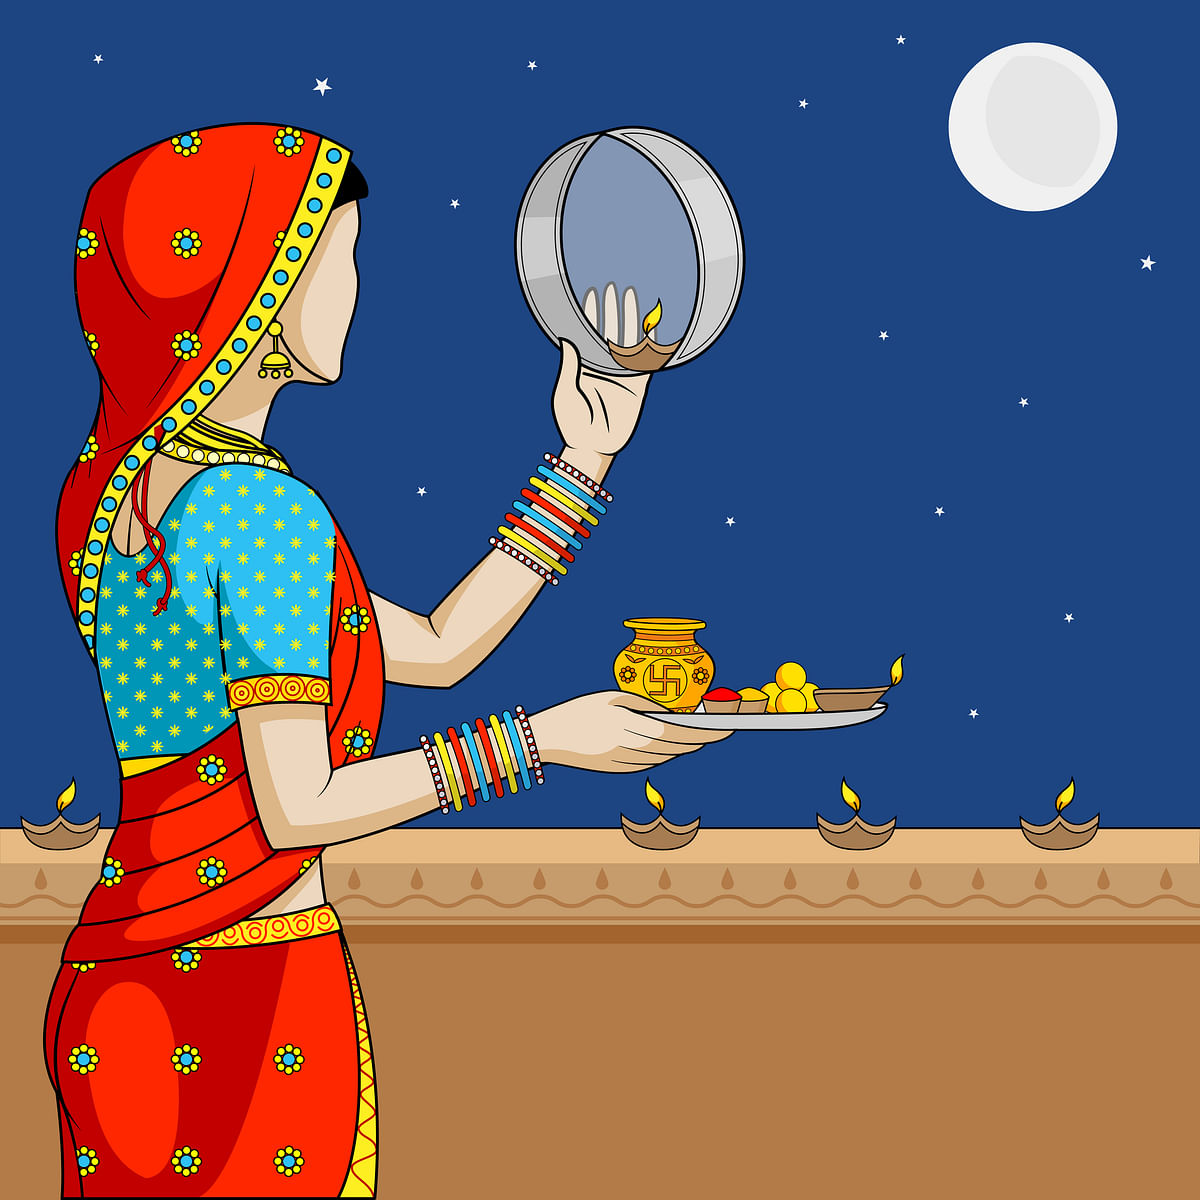 करवा चौथ व्रत कथा- Karwa Chauth Vrat Katha in Hindi